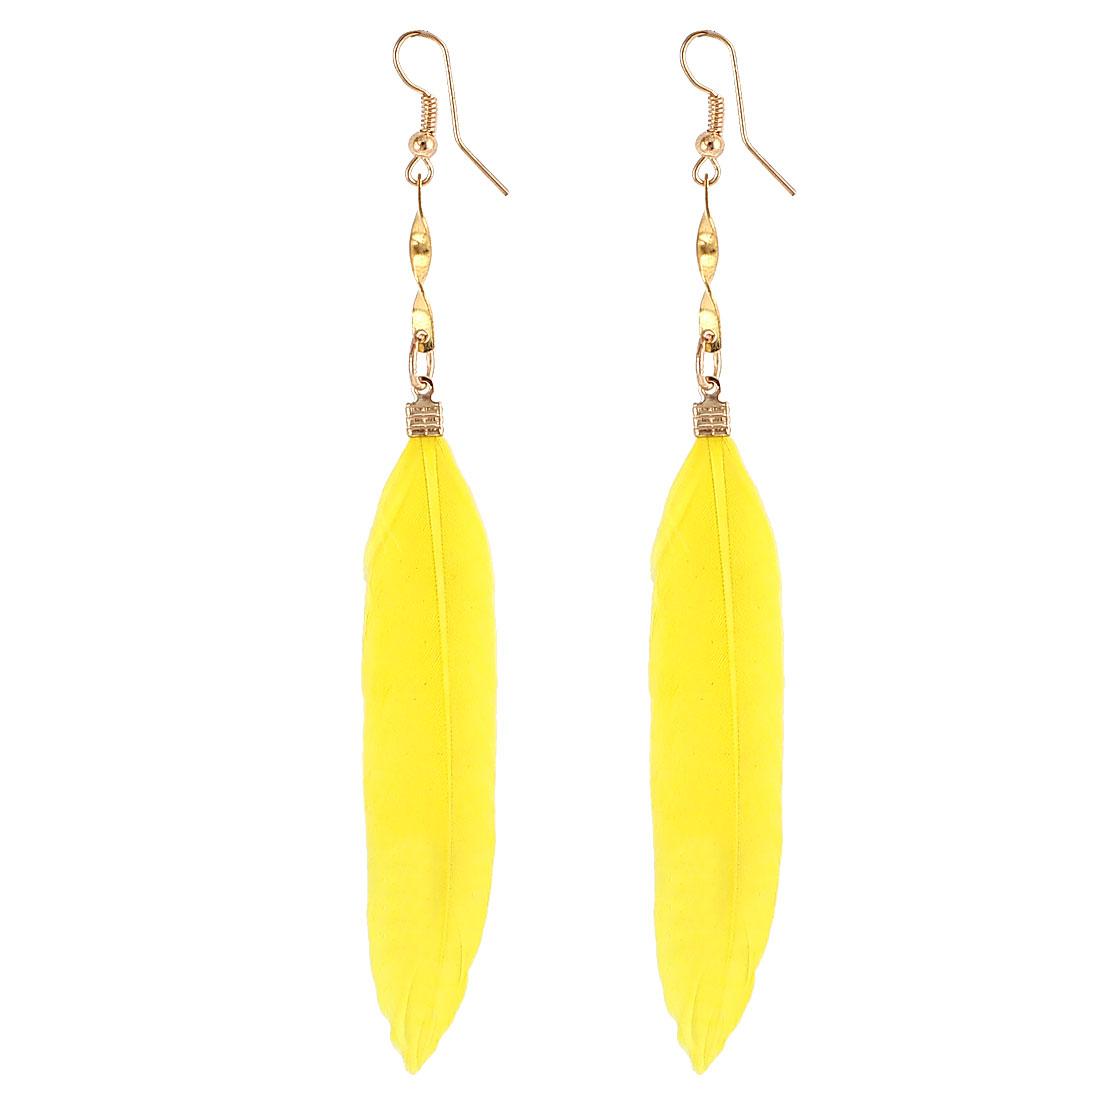 Lady Faux Feather Pendant Fish Hook Dangle Earrings Eardrop 2 Pcs Yellow